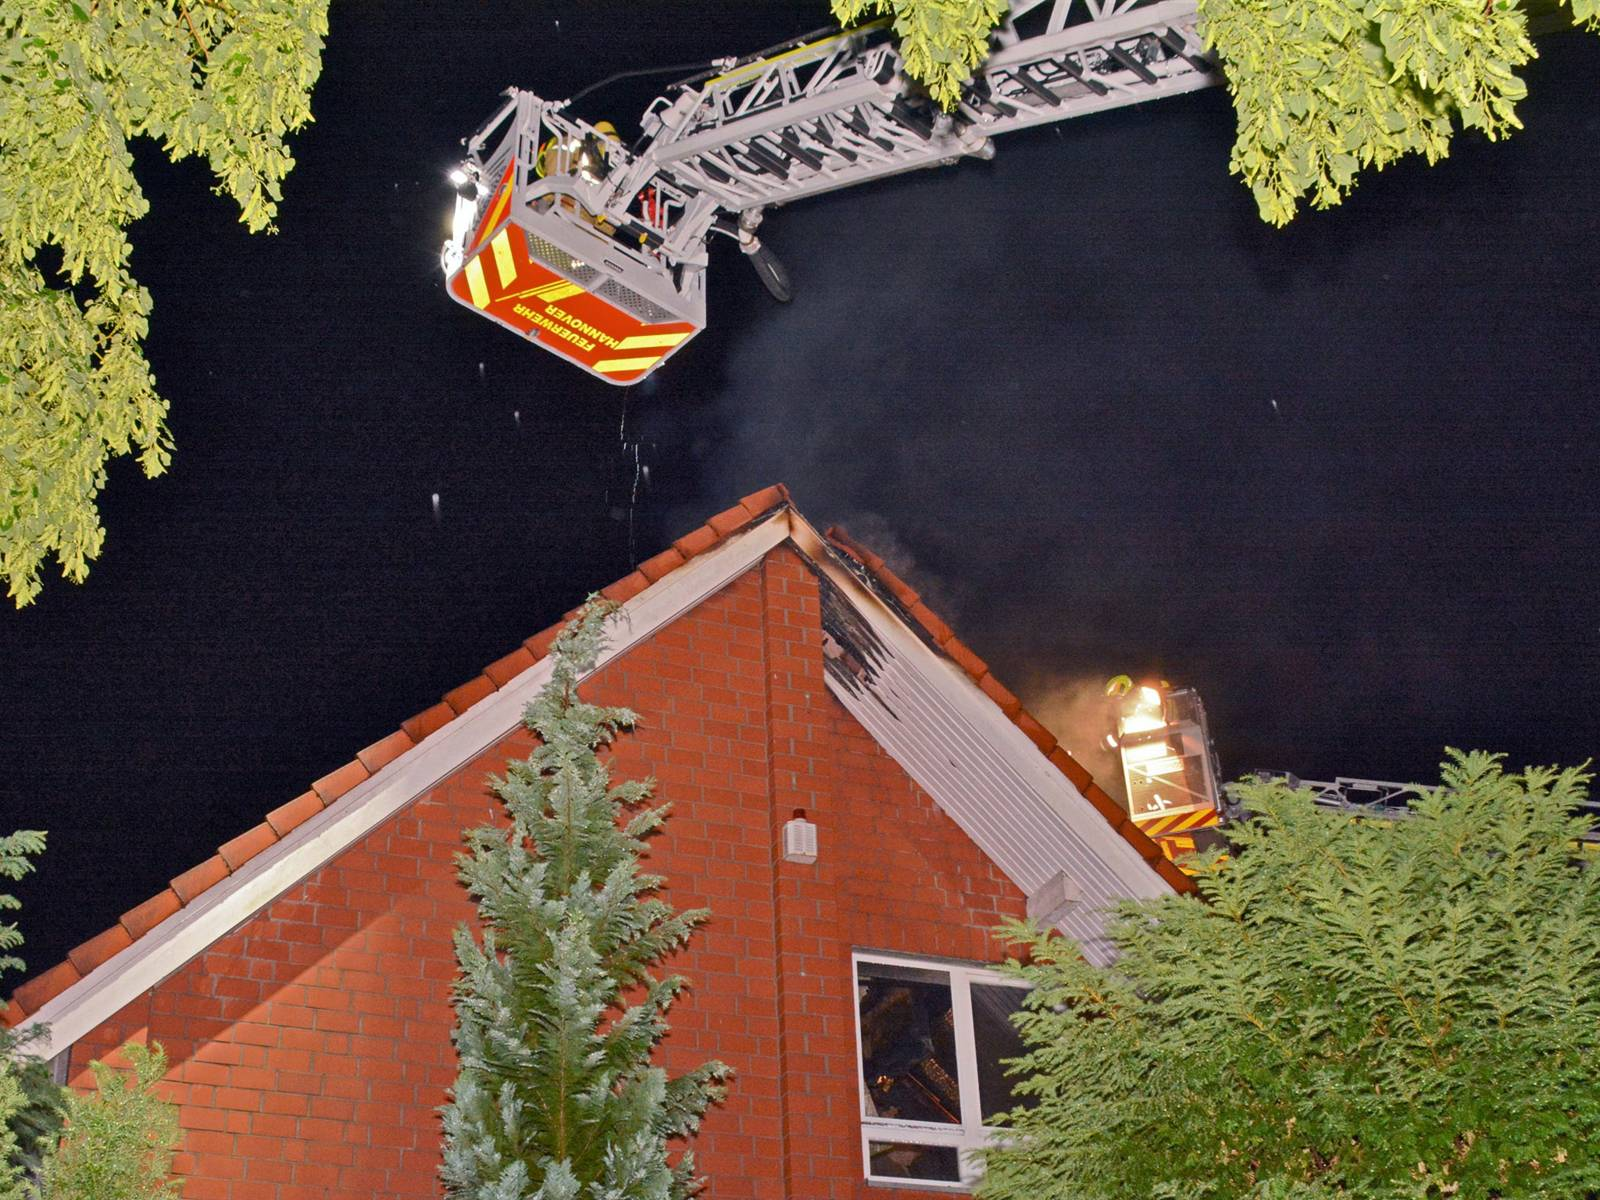 Einfamilienhaus durch einen Dachstuhlbrand erheblich beschädigt